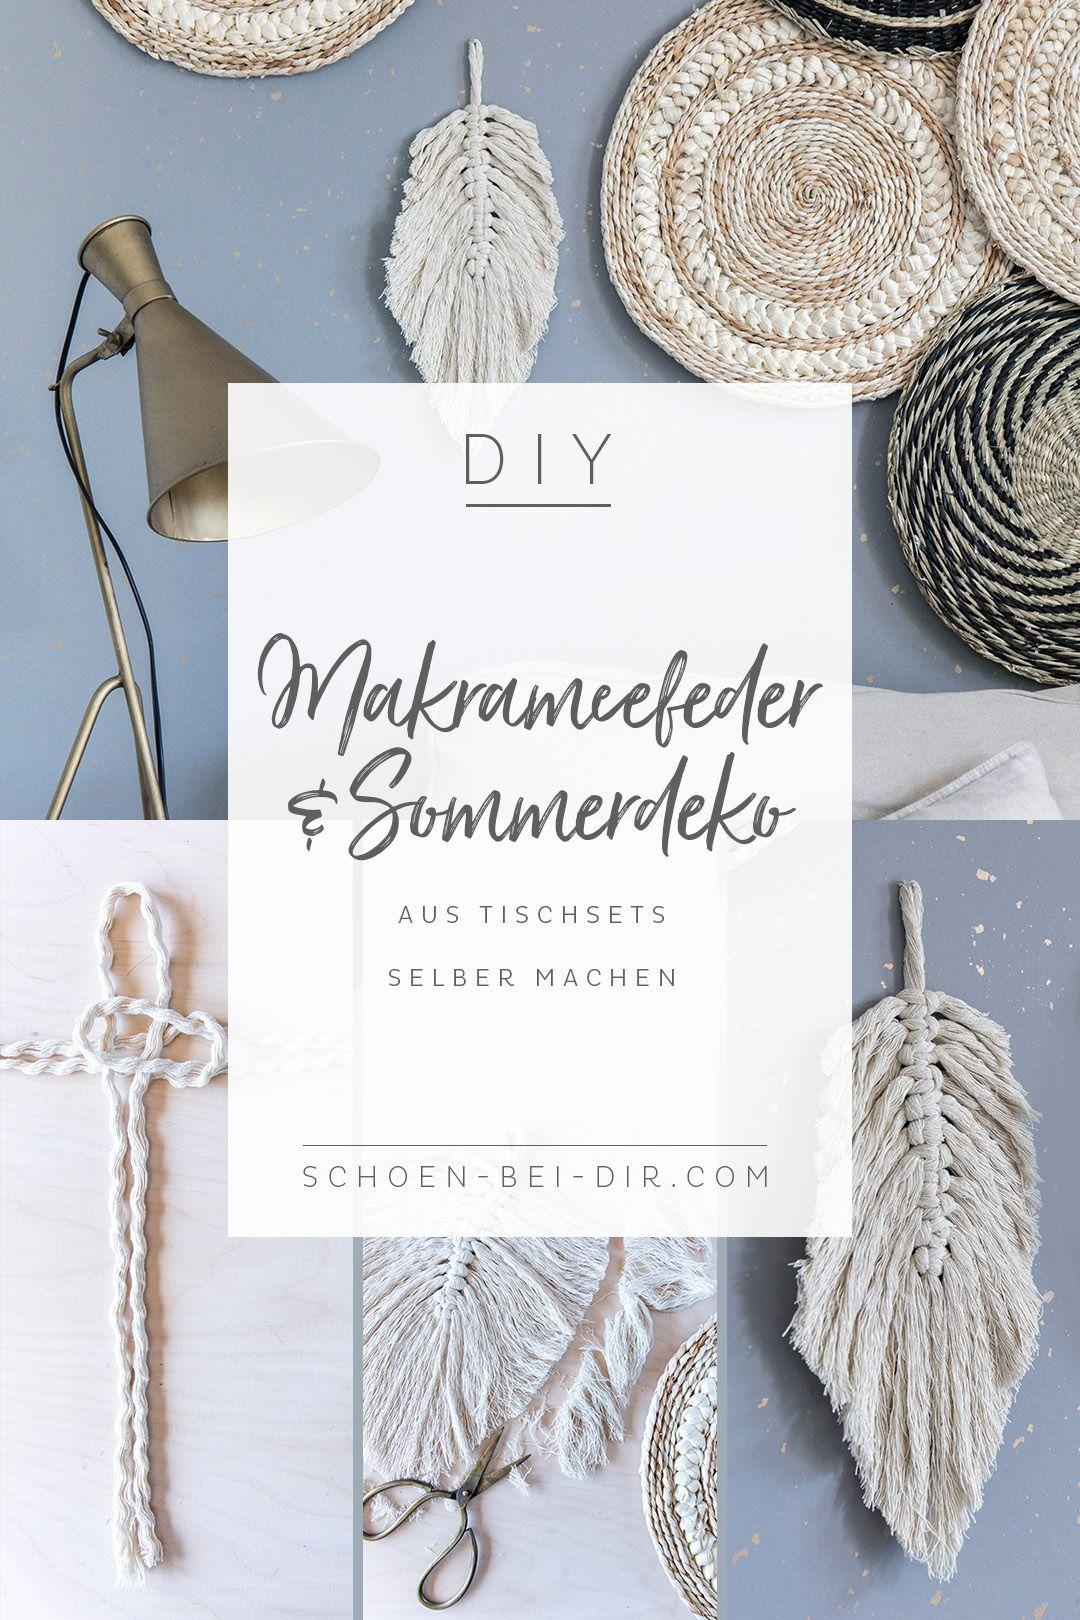 Photo of Fjæraktig DIY: Lag makraméfjær- og sommerpynt fra stedsmatter selv. # farvel …